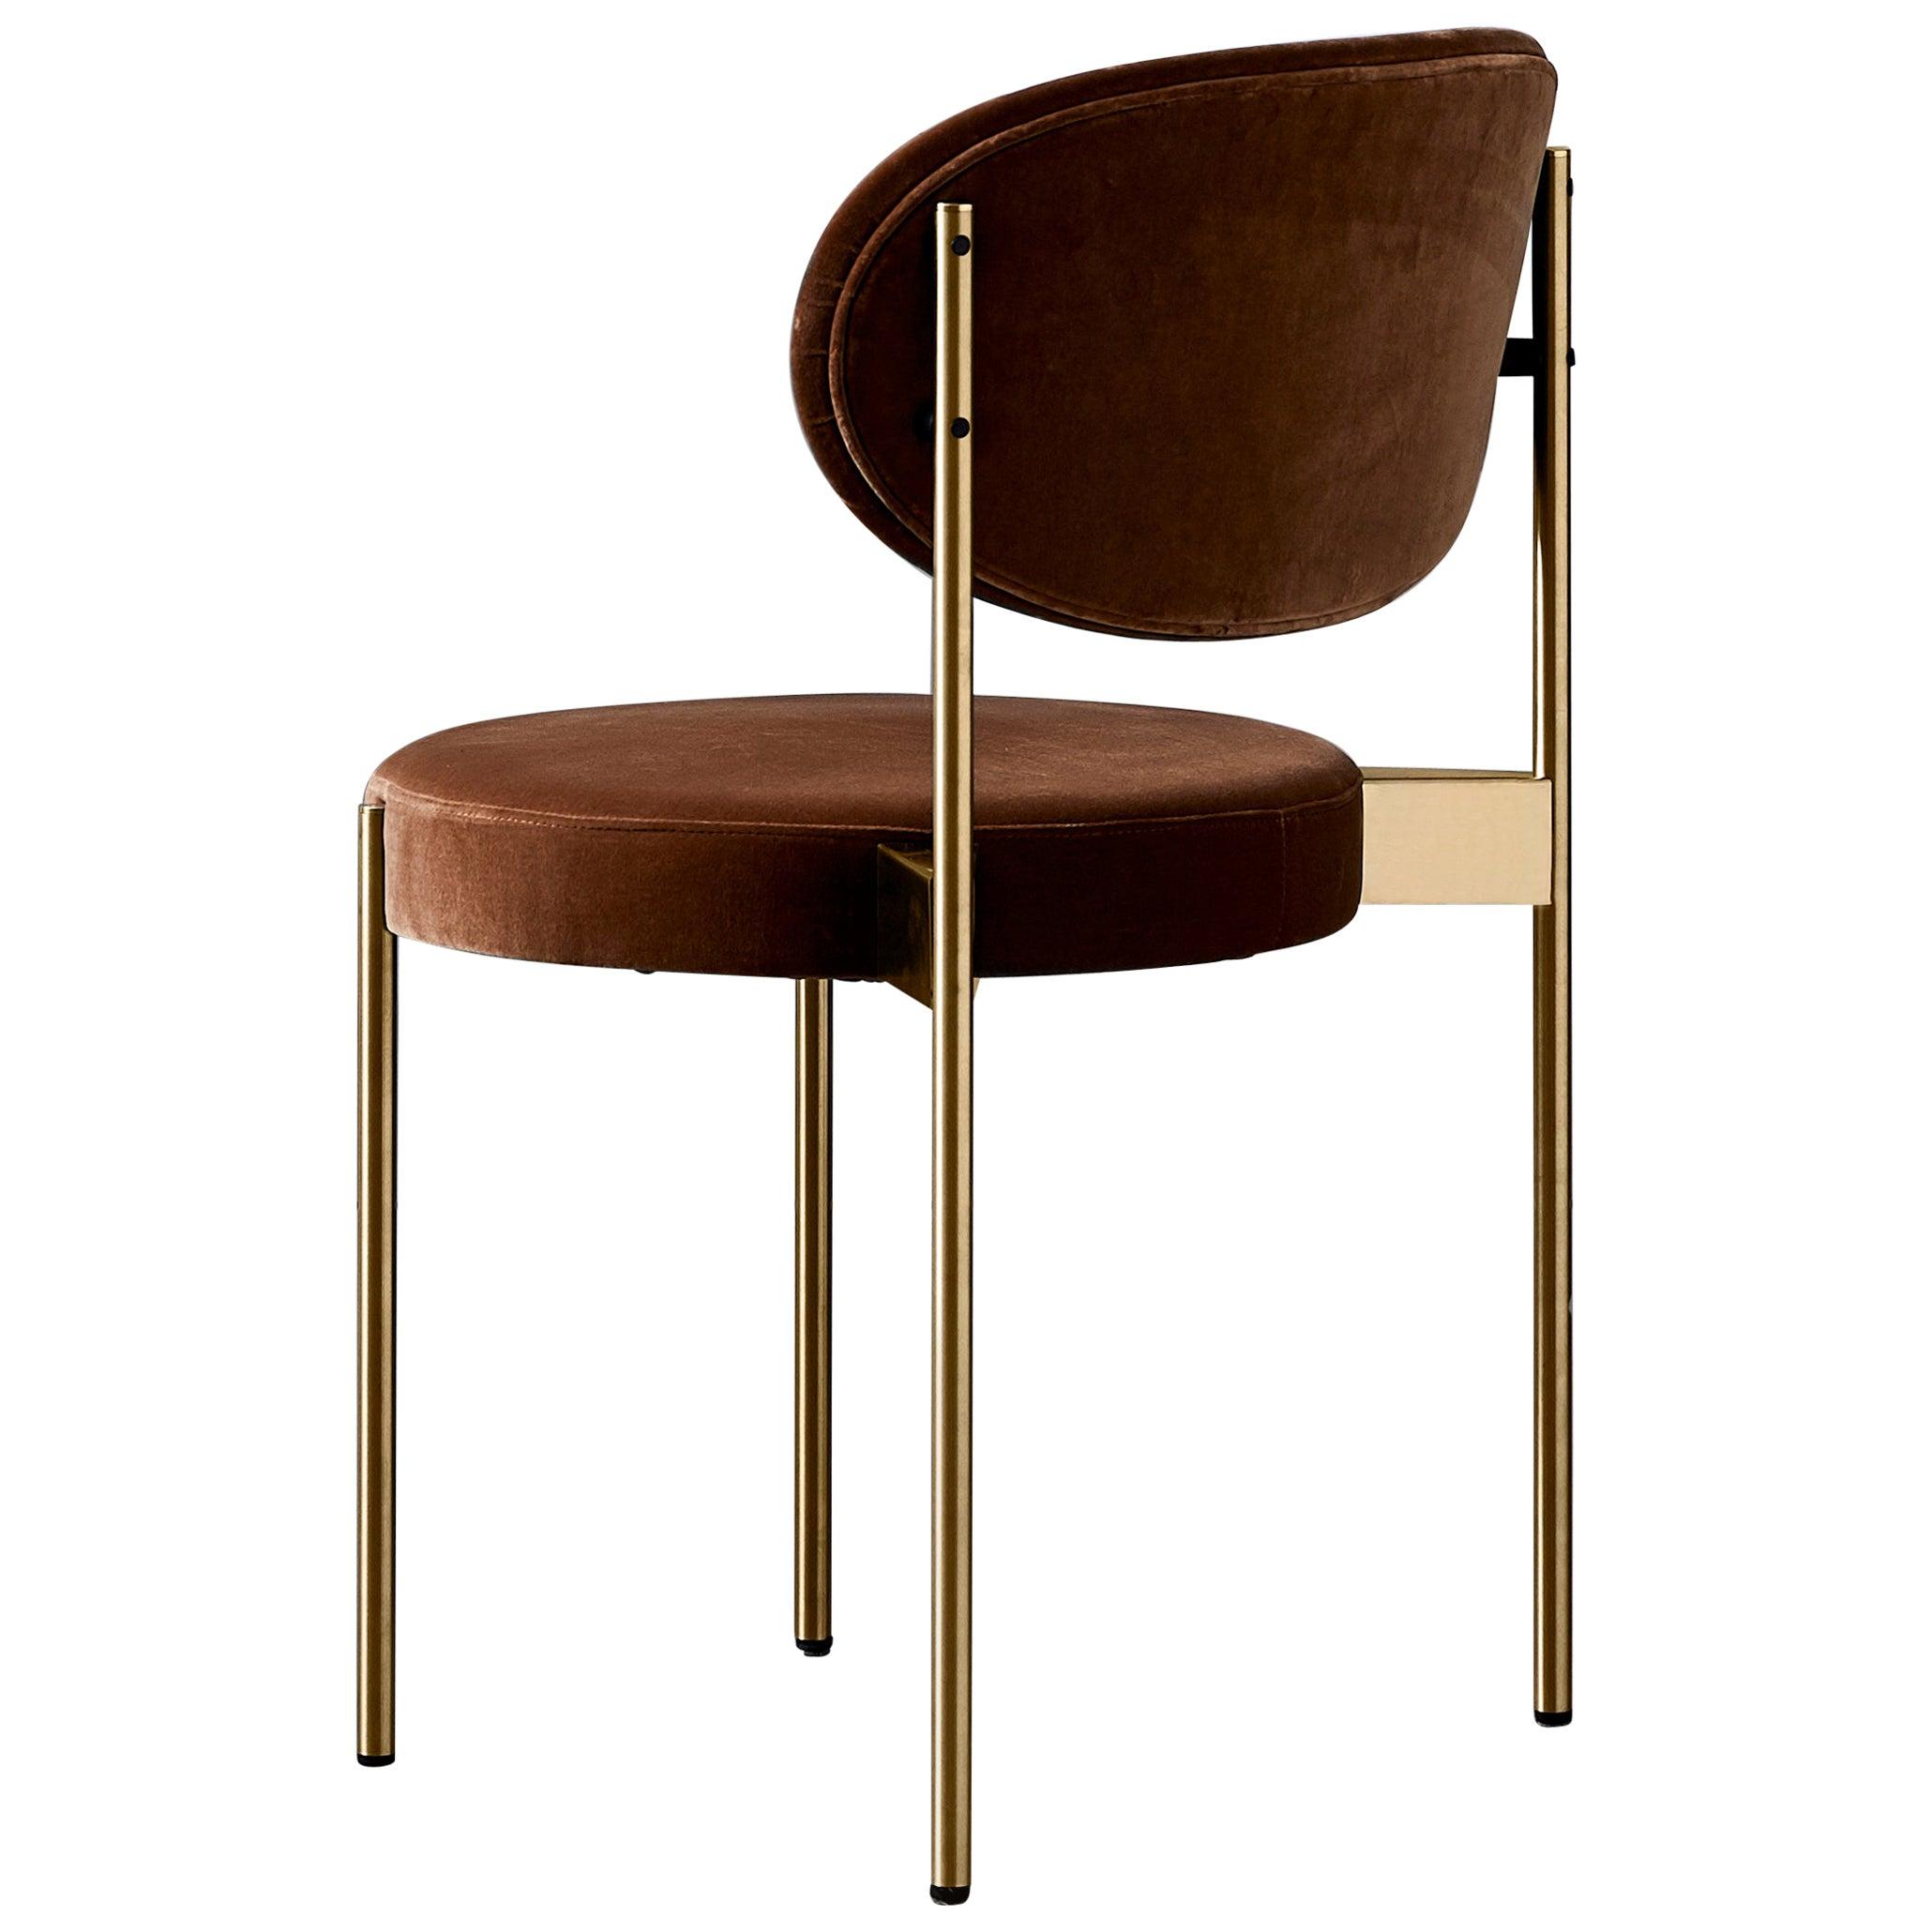 430 Chair in Brown Velvet by Verner Panton